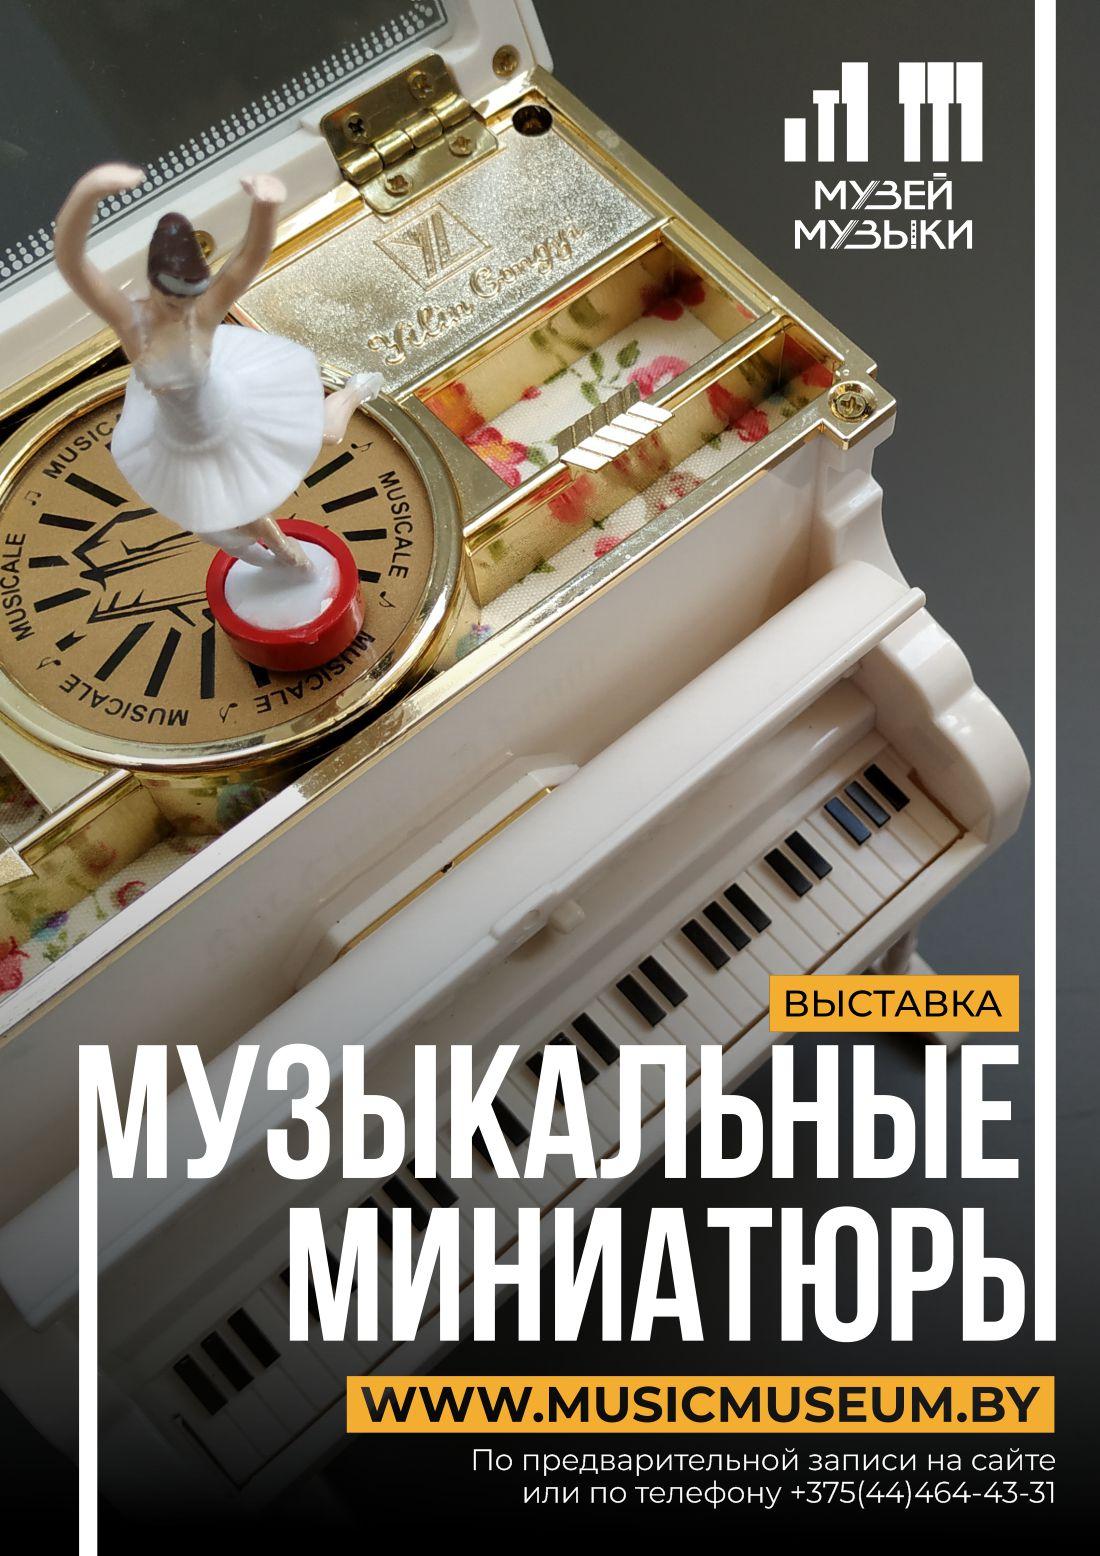 Музыкальные миниатюры